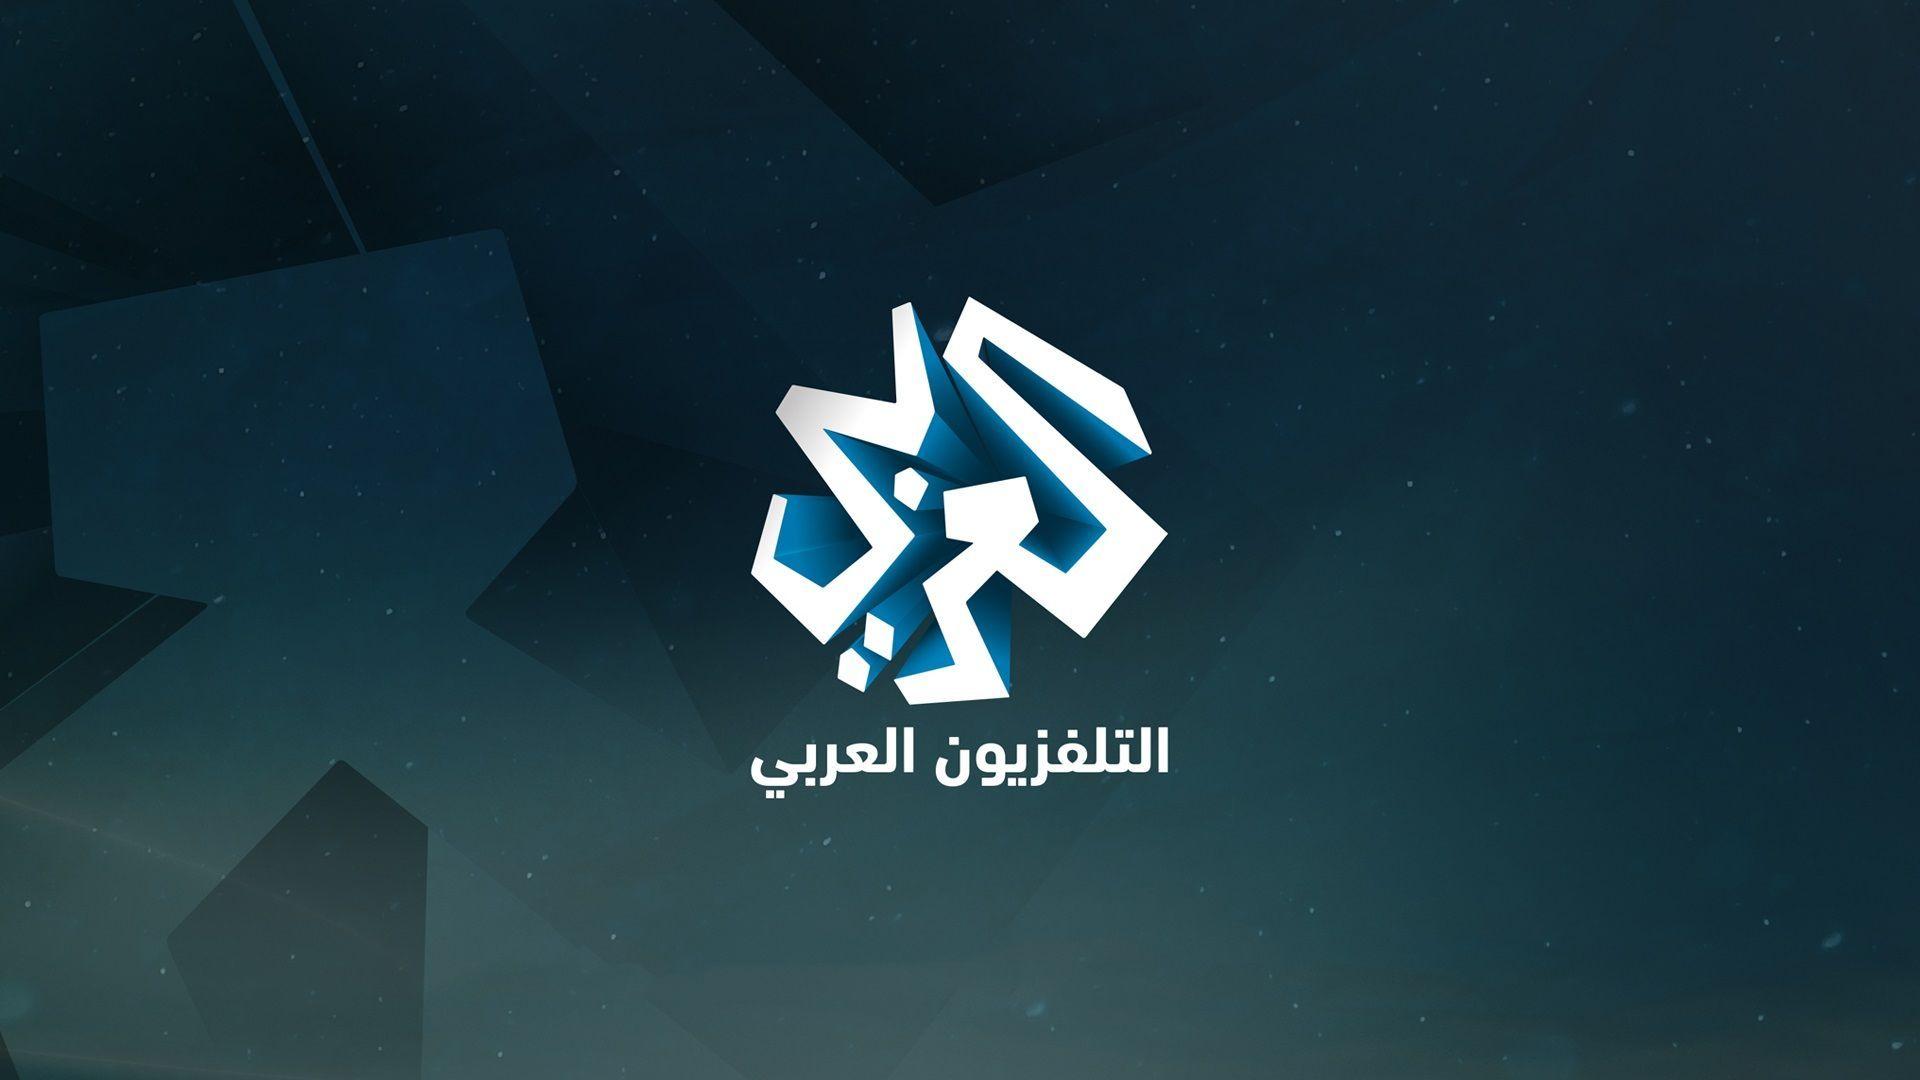 في عيد تلفزيون العربي Vehicle Logos Chevrolet Logo Logos